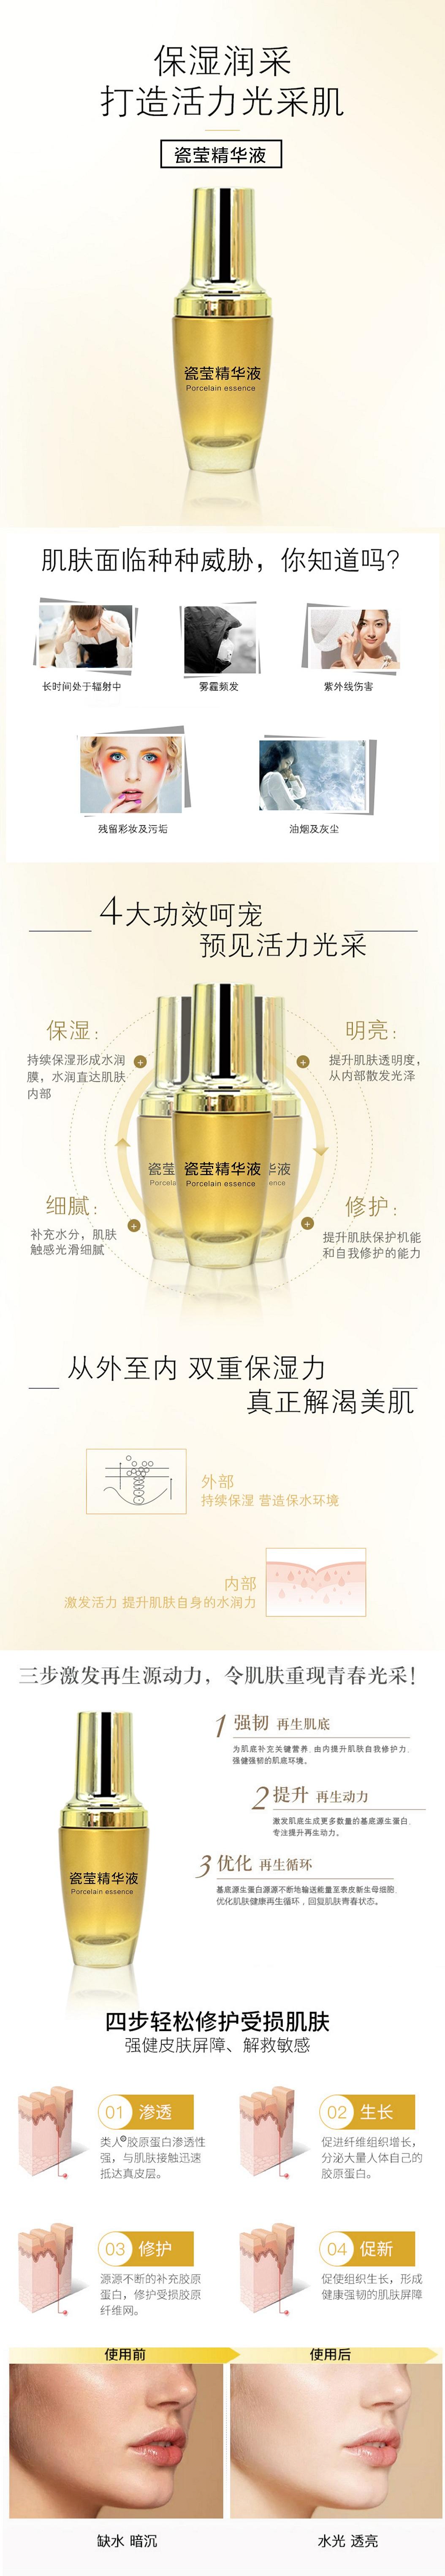 瓷莹精华液-欧泉生化